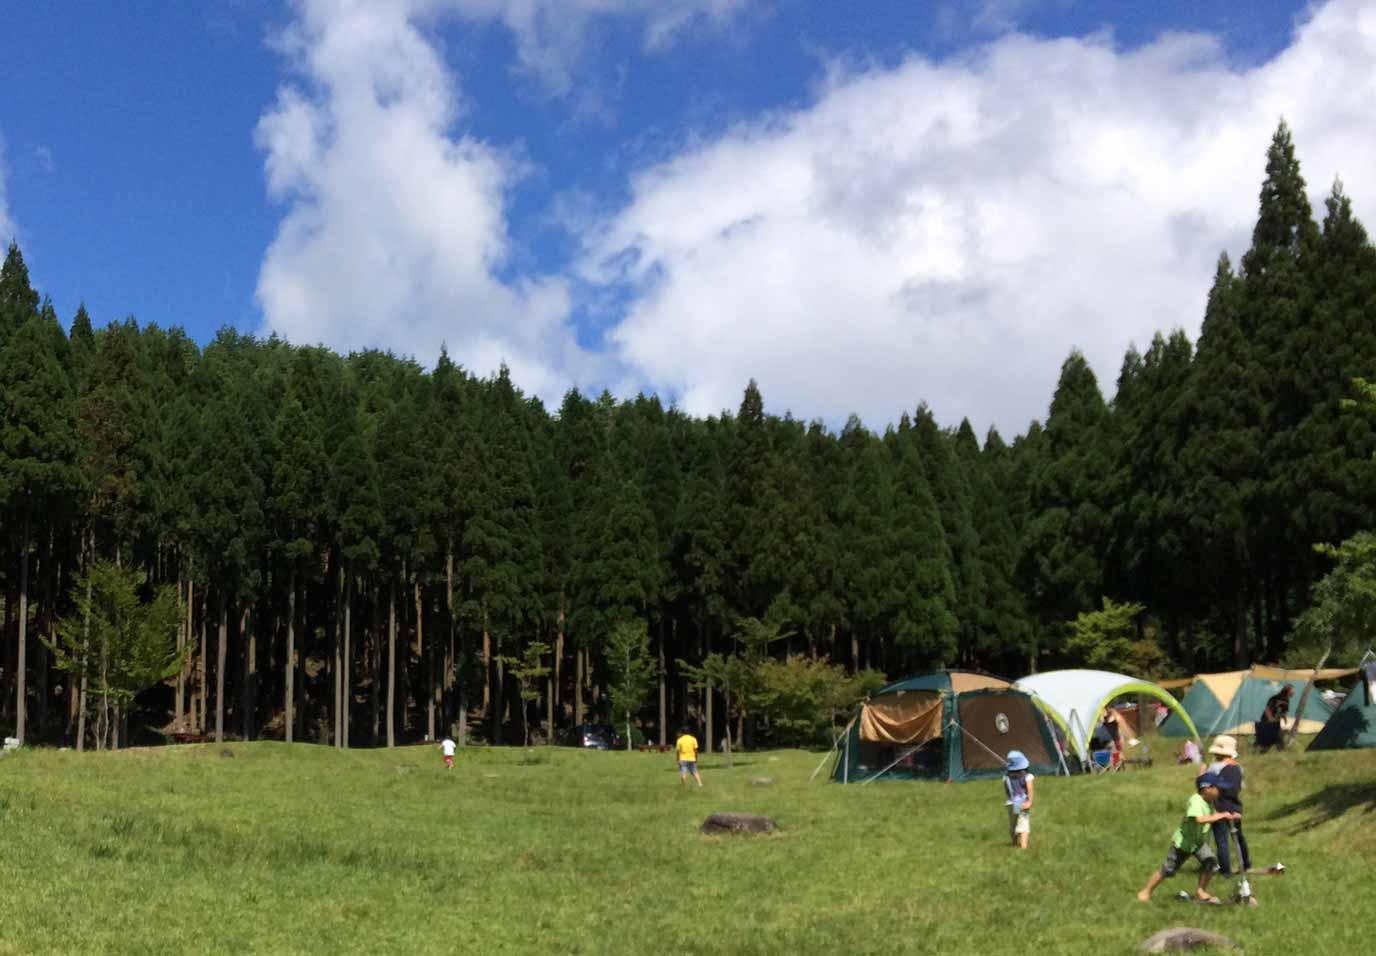 初めてのファミリーキャンプ 〜行き先編。テントを買う前にまずやること。5年前の自分に向けて書いてみます。